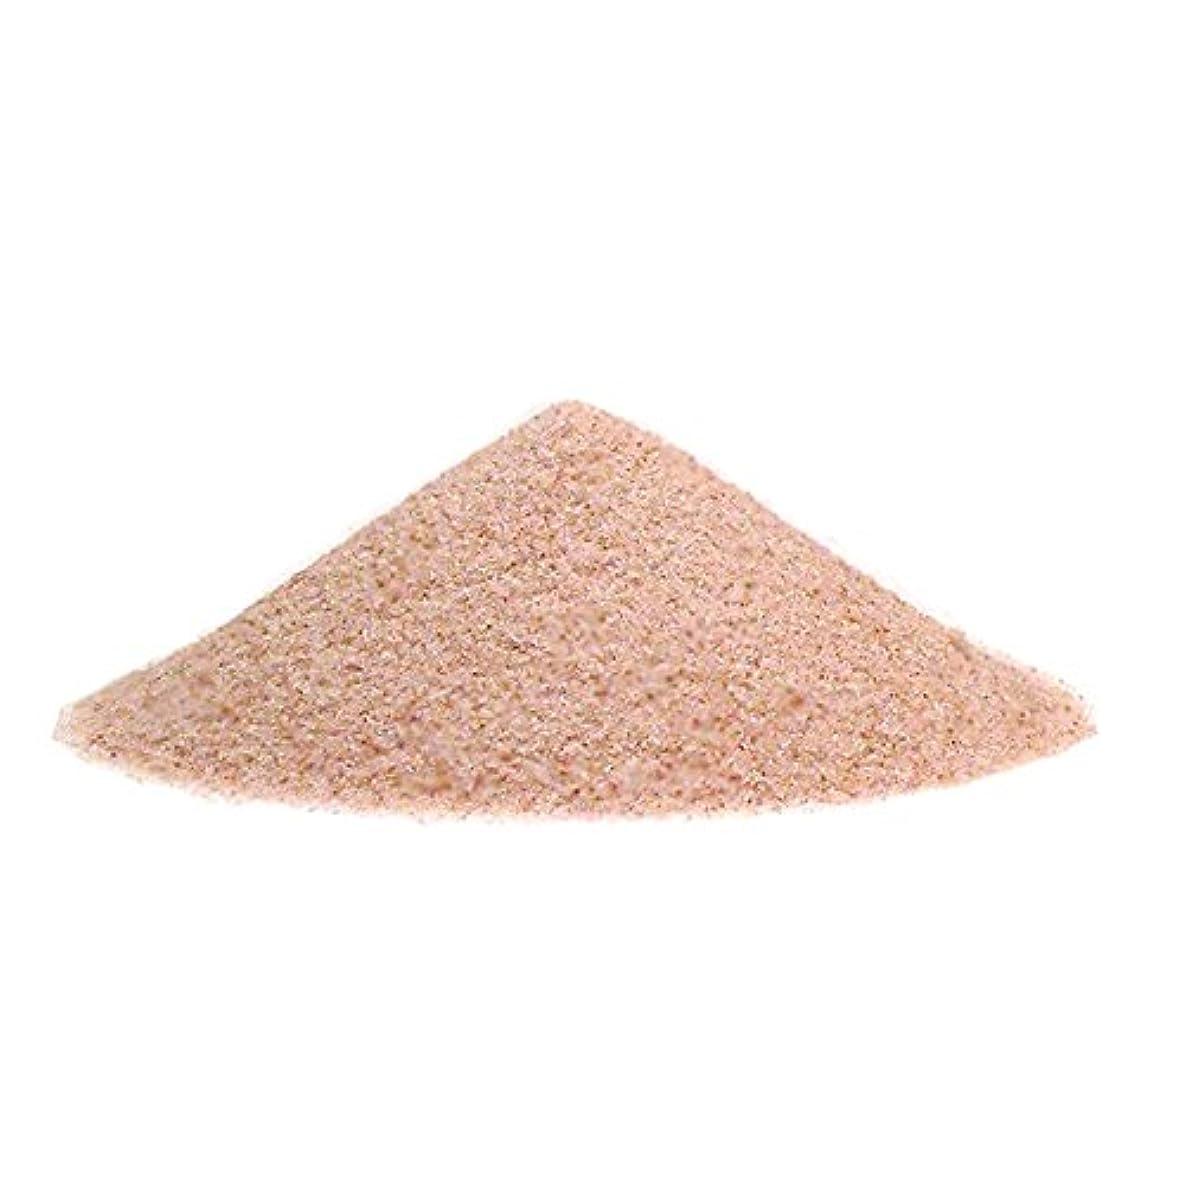 九月ヒュームシーボードヒマラヤ岩塩 ピンクソルト 入浴用 バスソルト(微粒パウダー)2kg ピンク岩塩